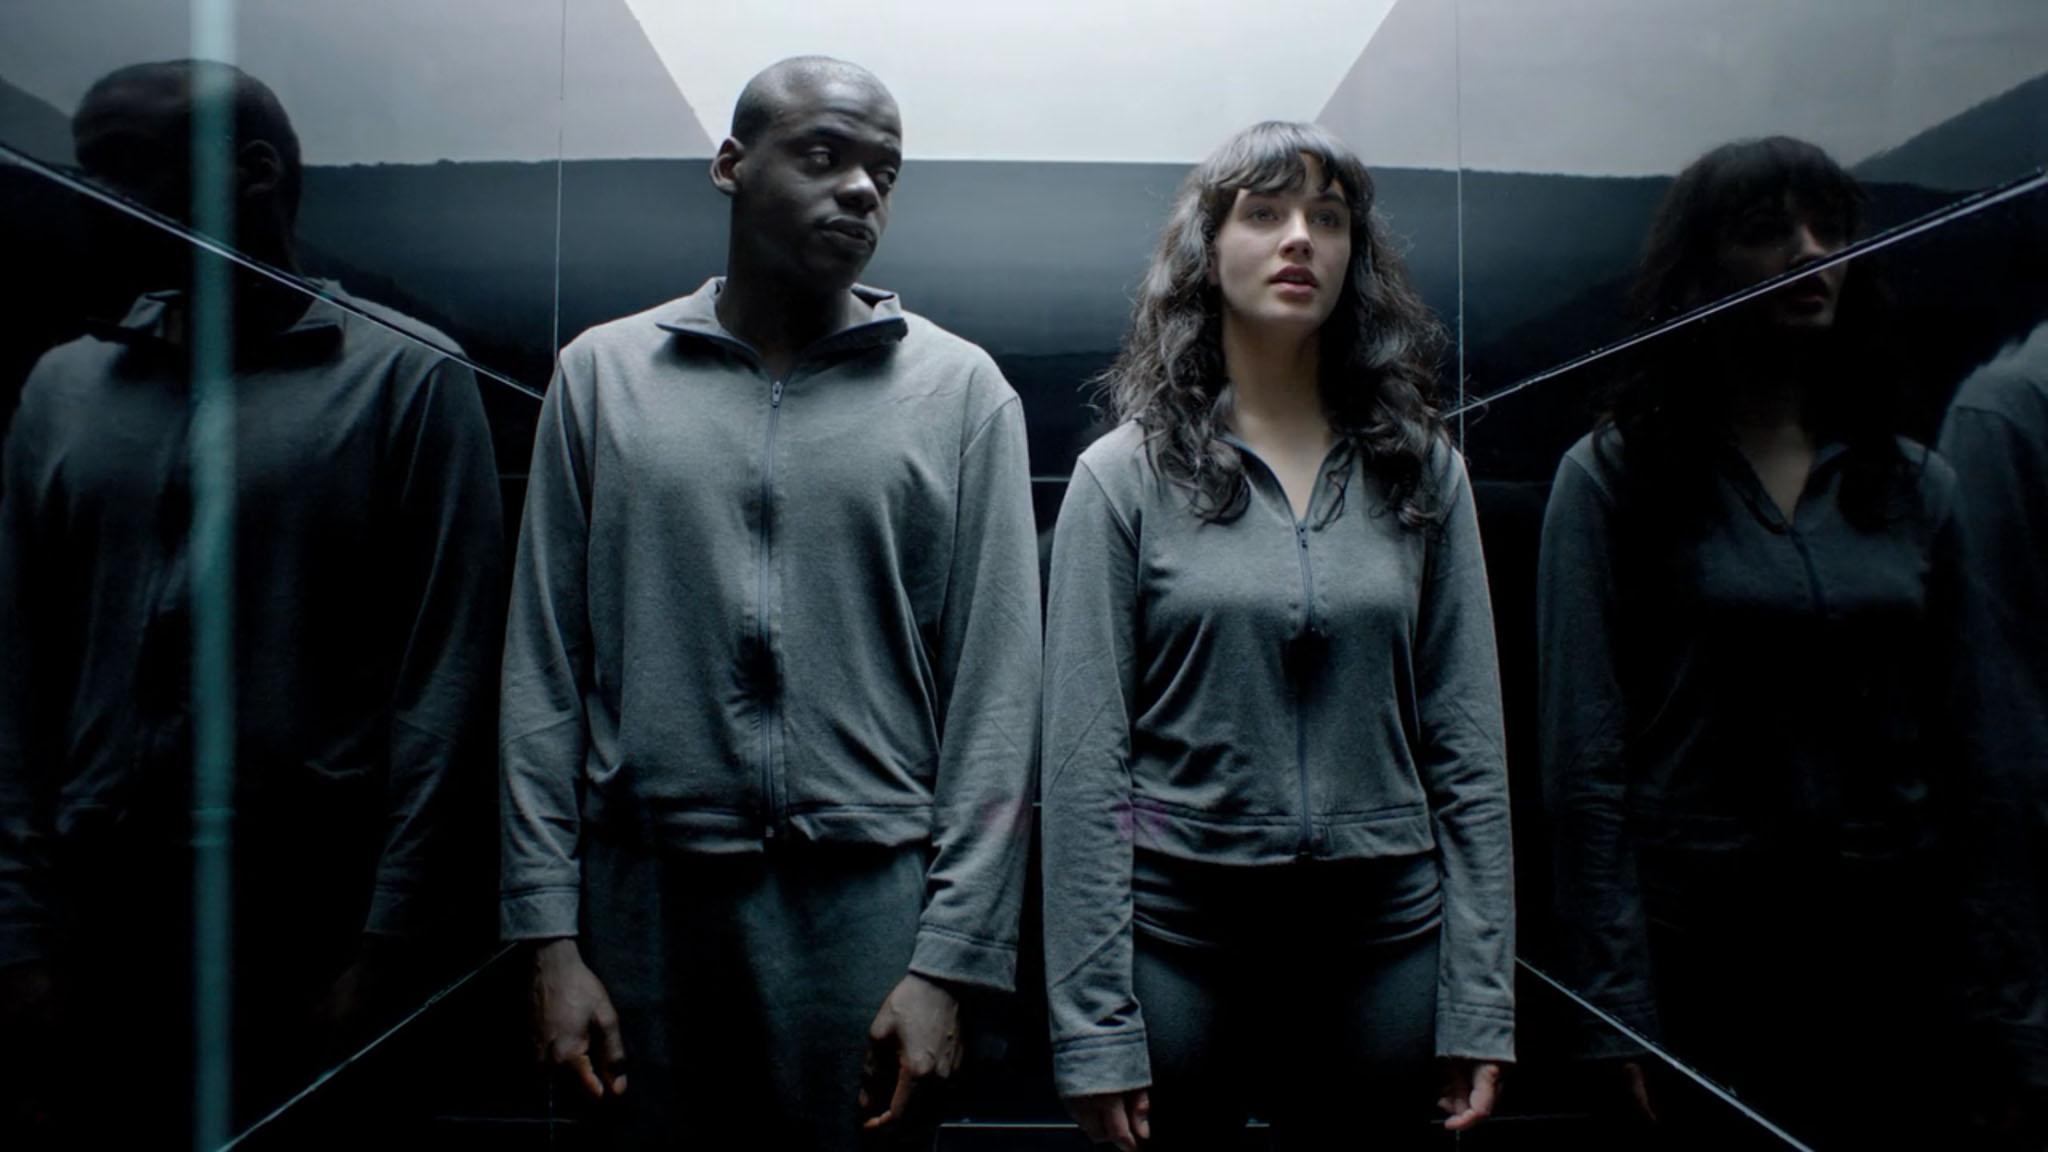 Netflix adquirió la serie durante la tercera temporada y compró los derechos a Zeppotron, que la producía en Gran Bretaña.